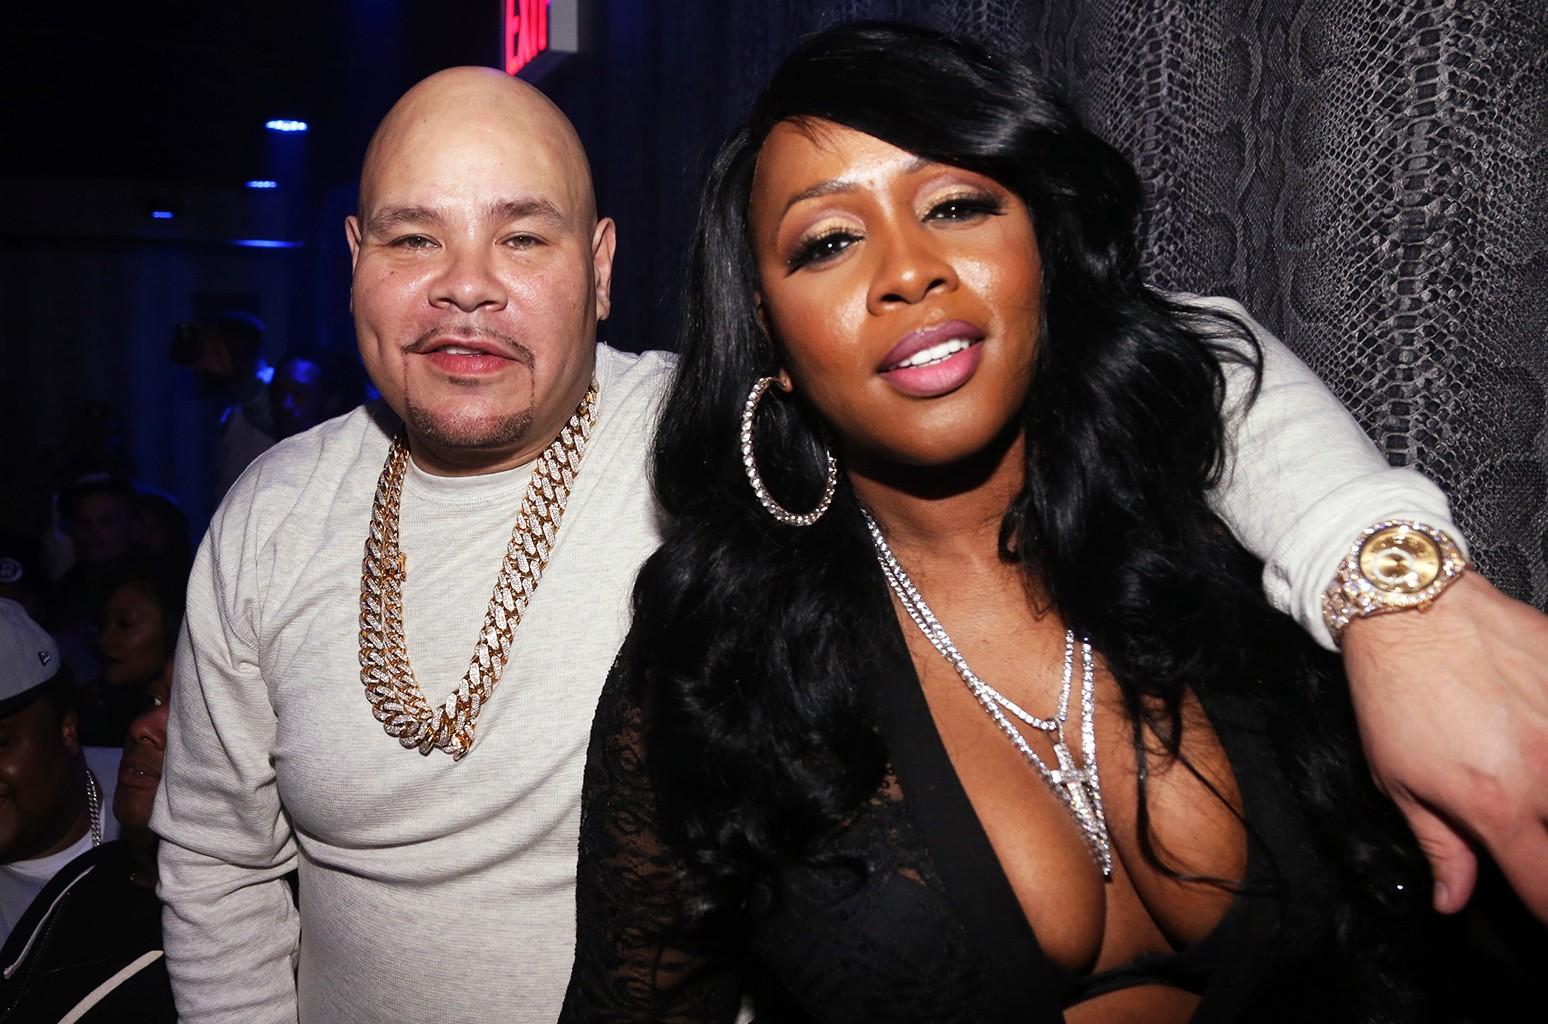 Fat Joe and Remy Ma